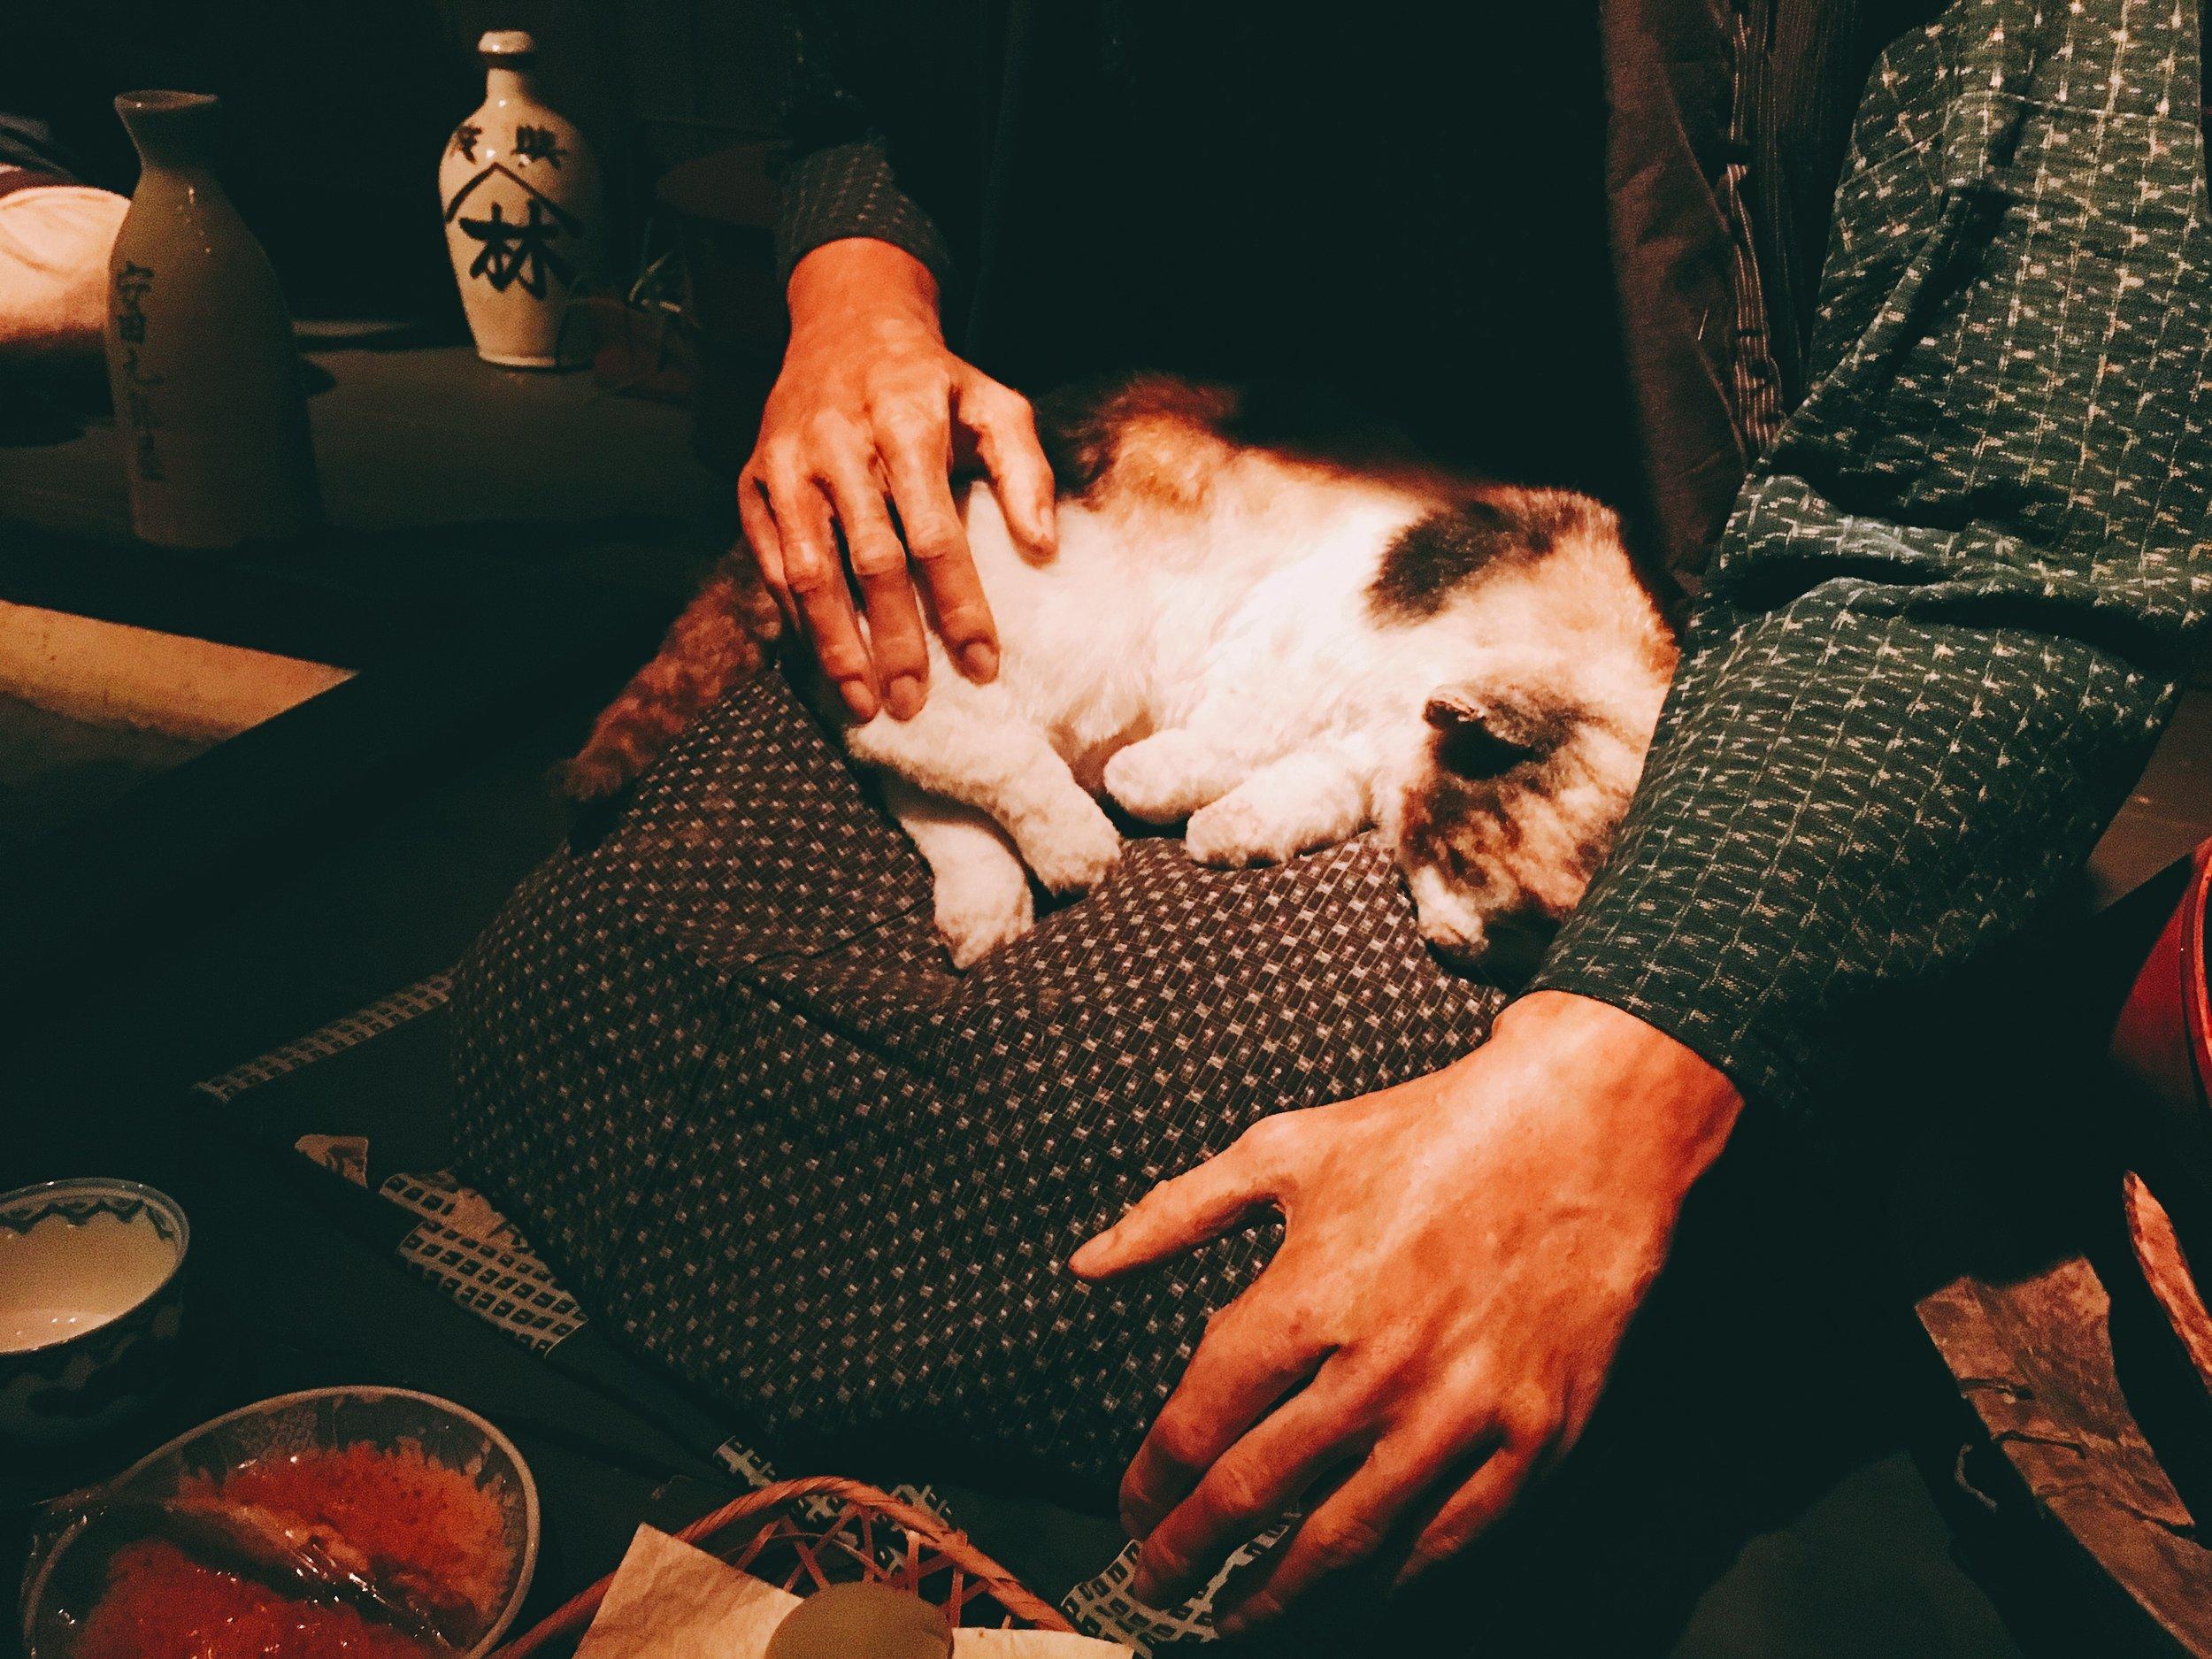 おばあちゃんの膝で寝る猫